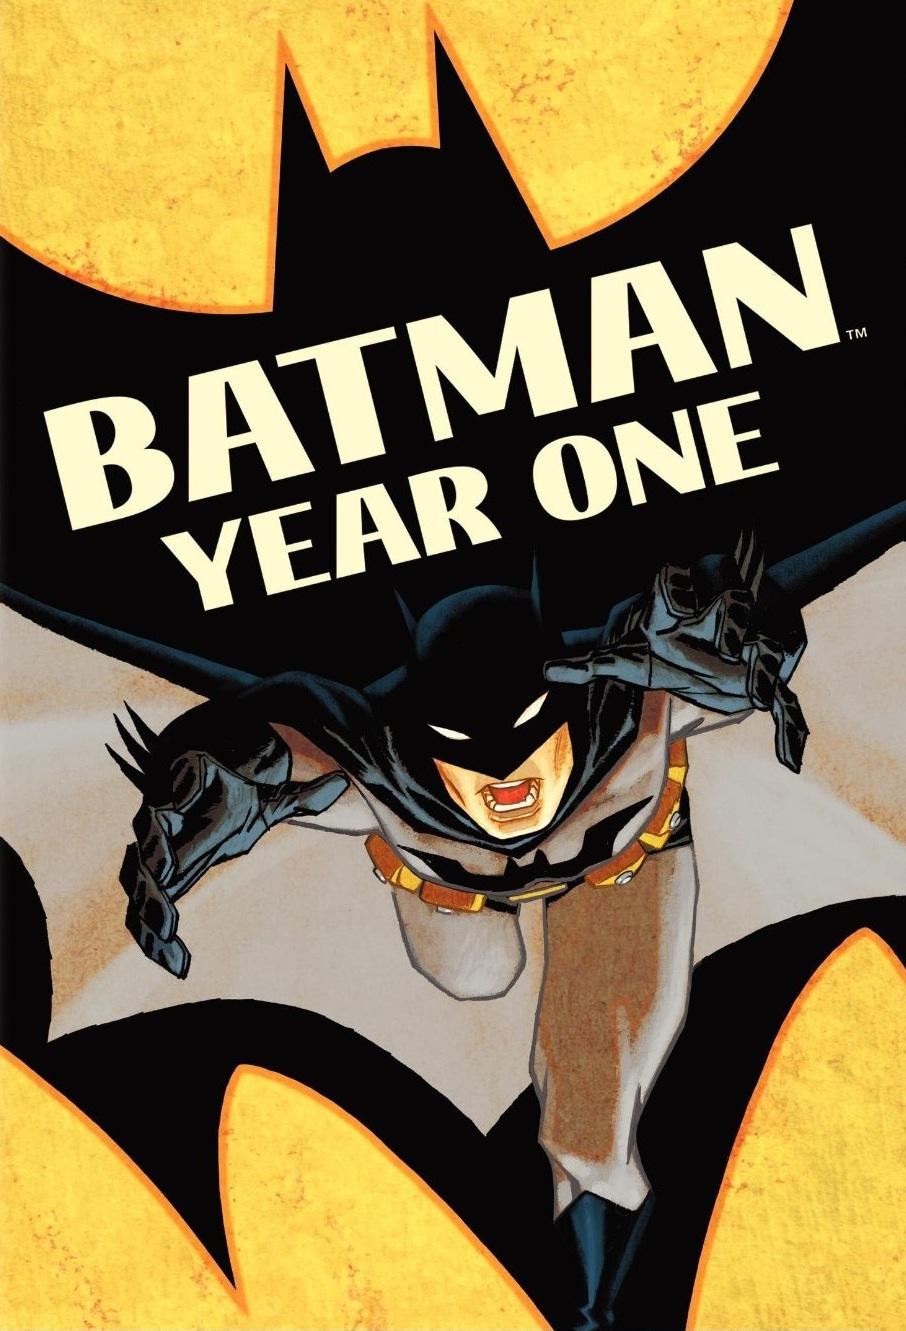 Batman: Year One (film)